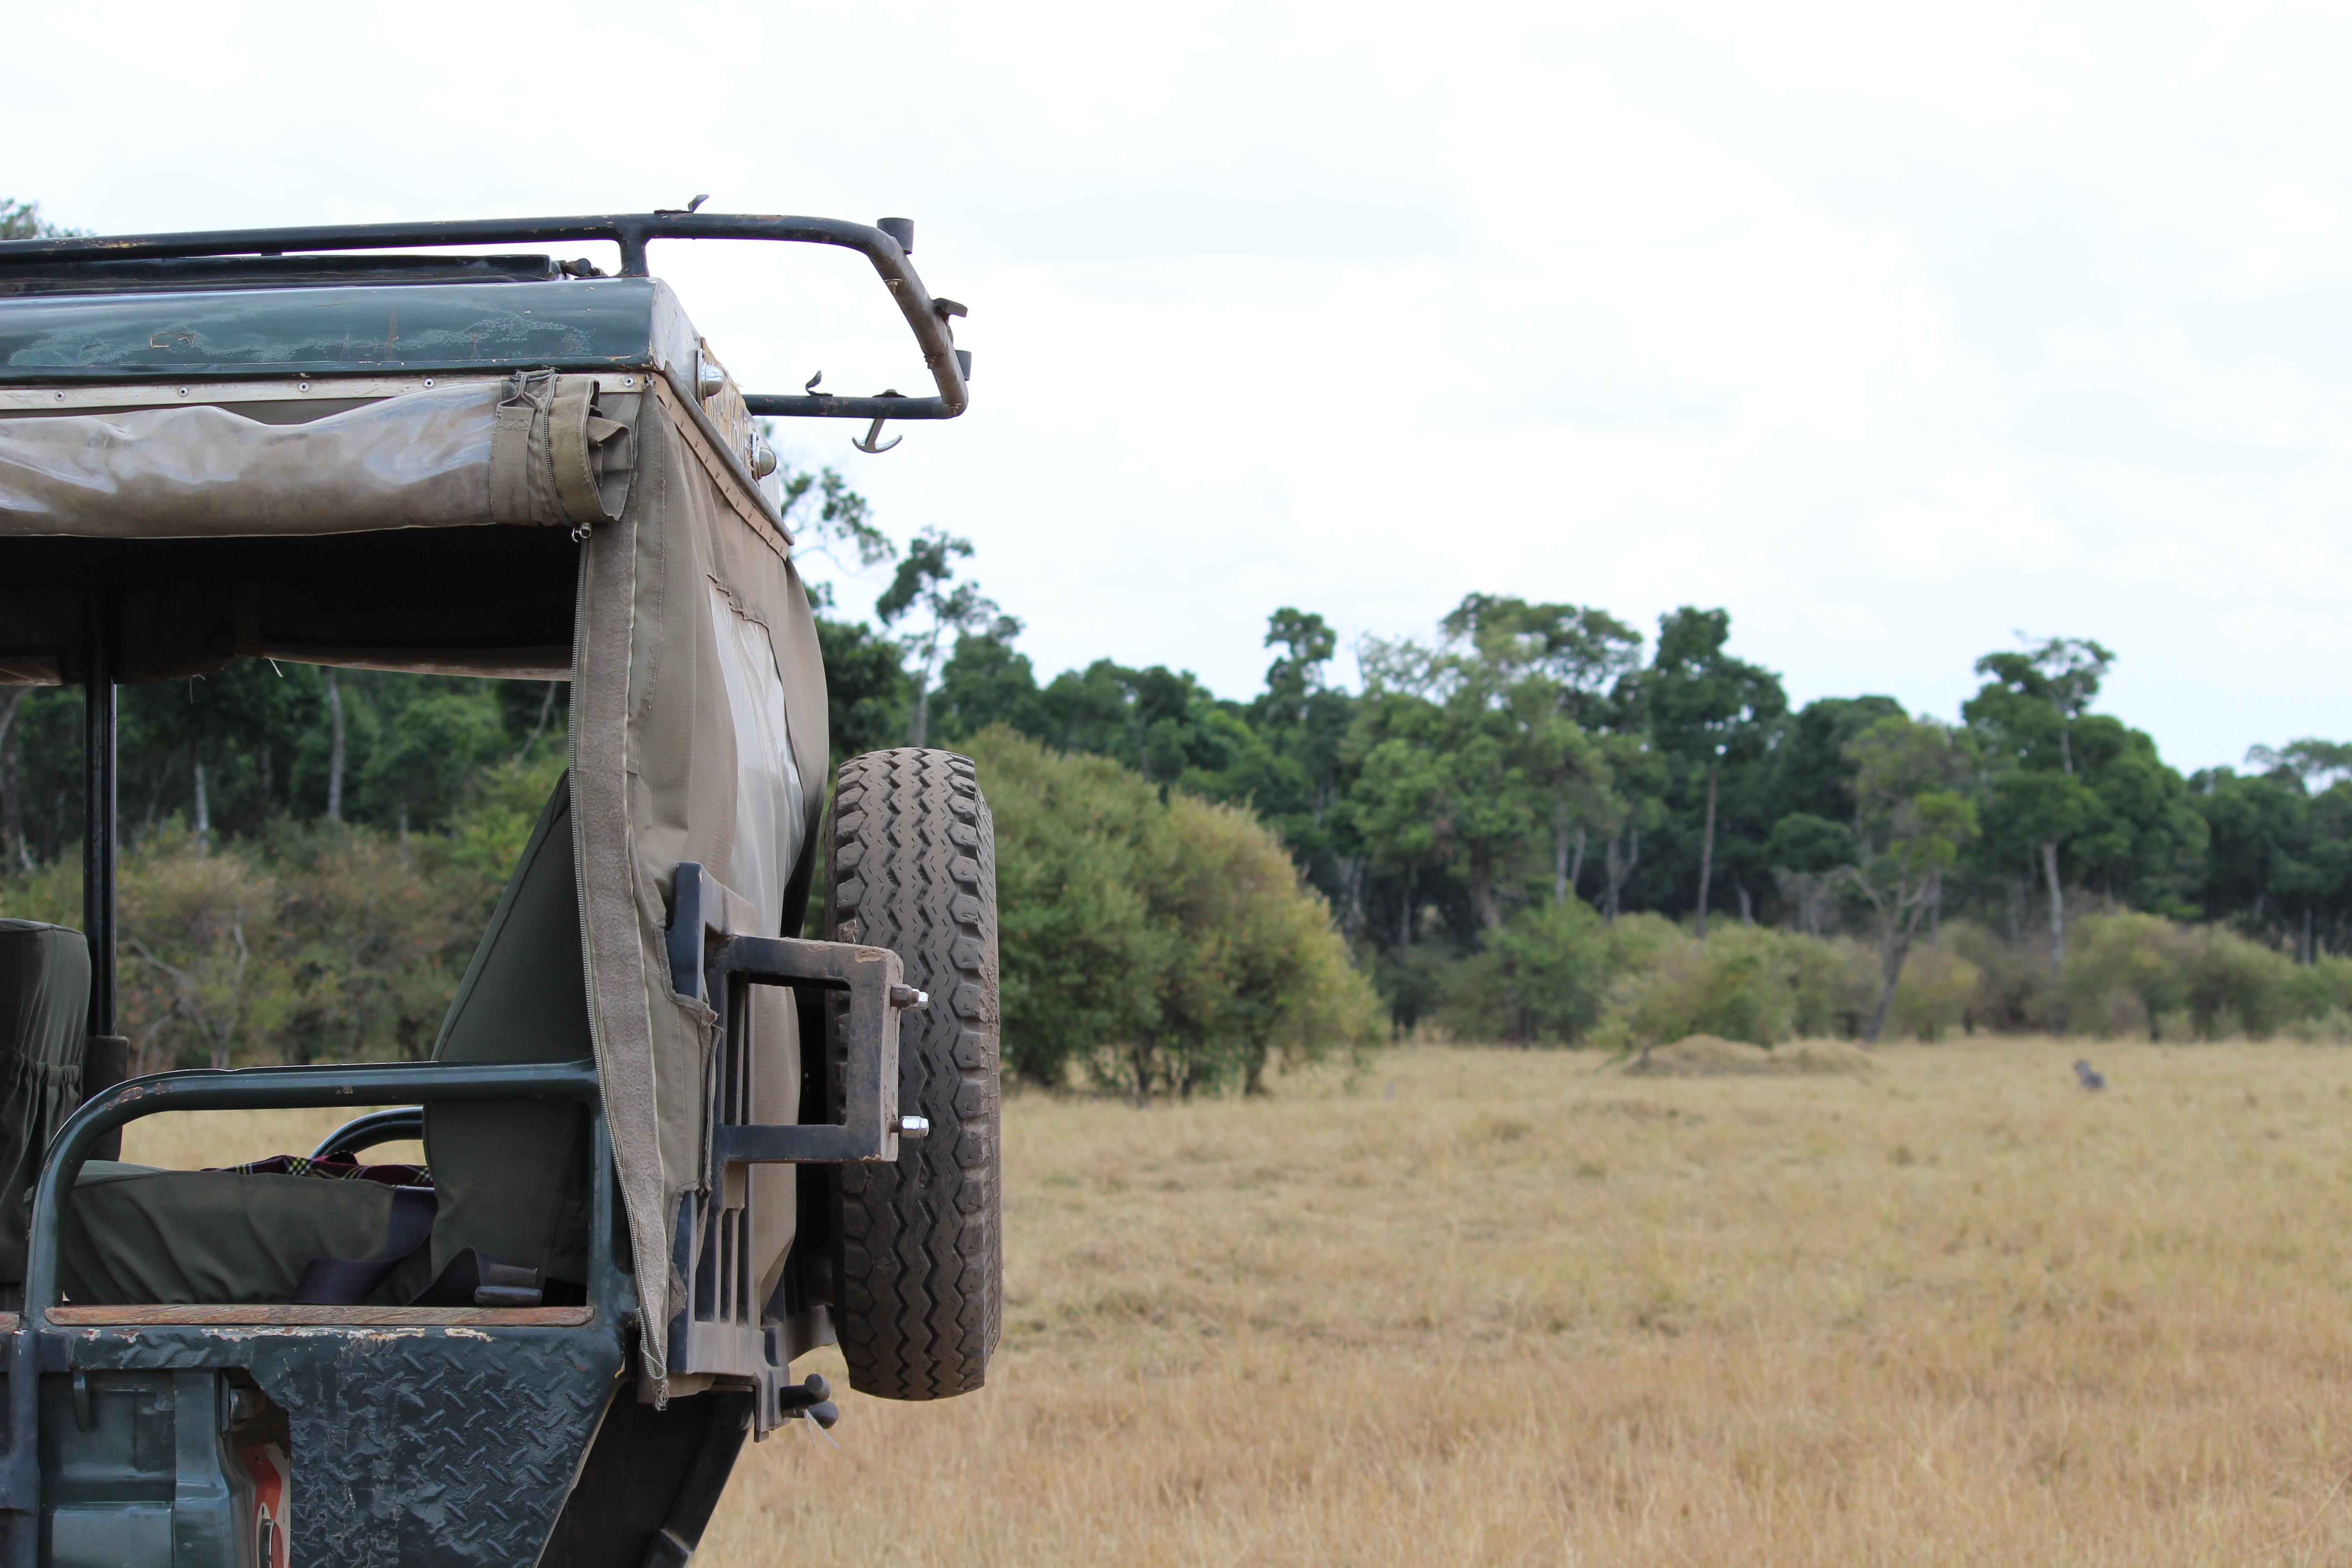 safari_jeep_kenya_masai_mara_africa